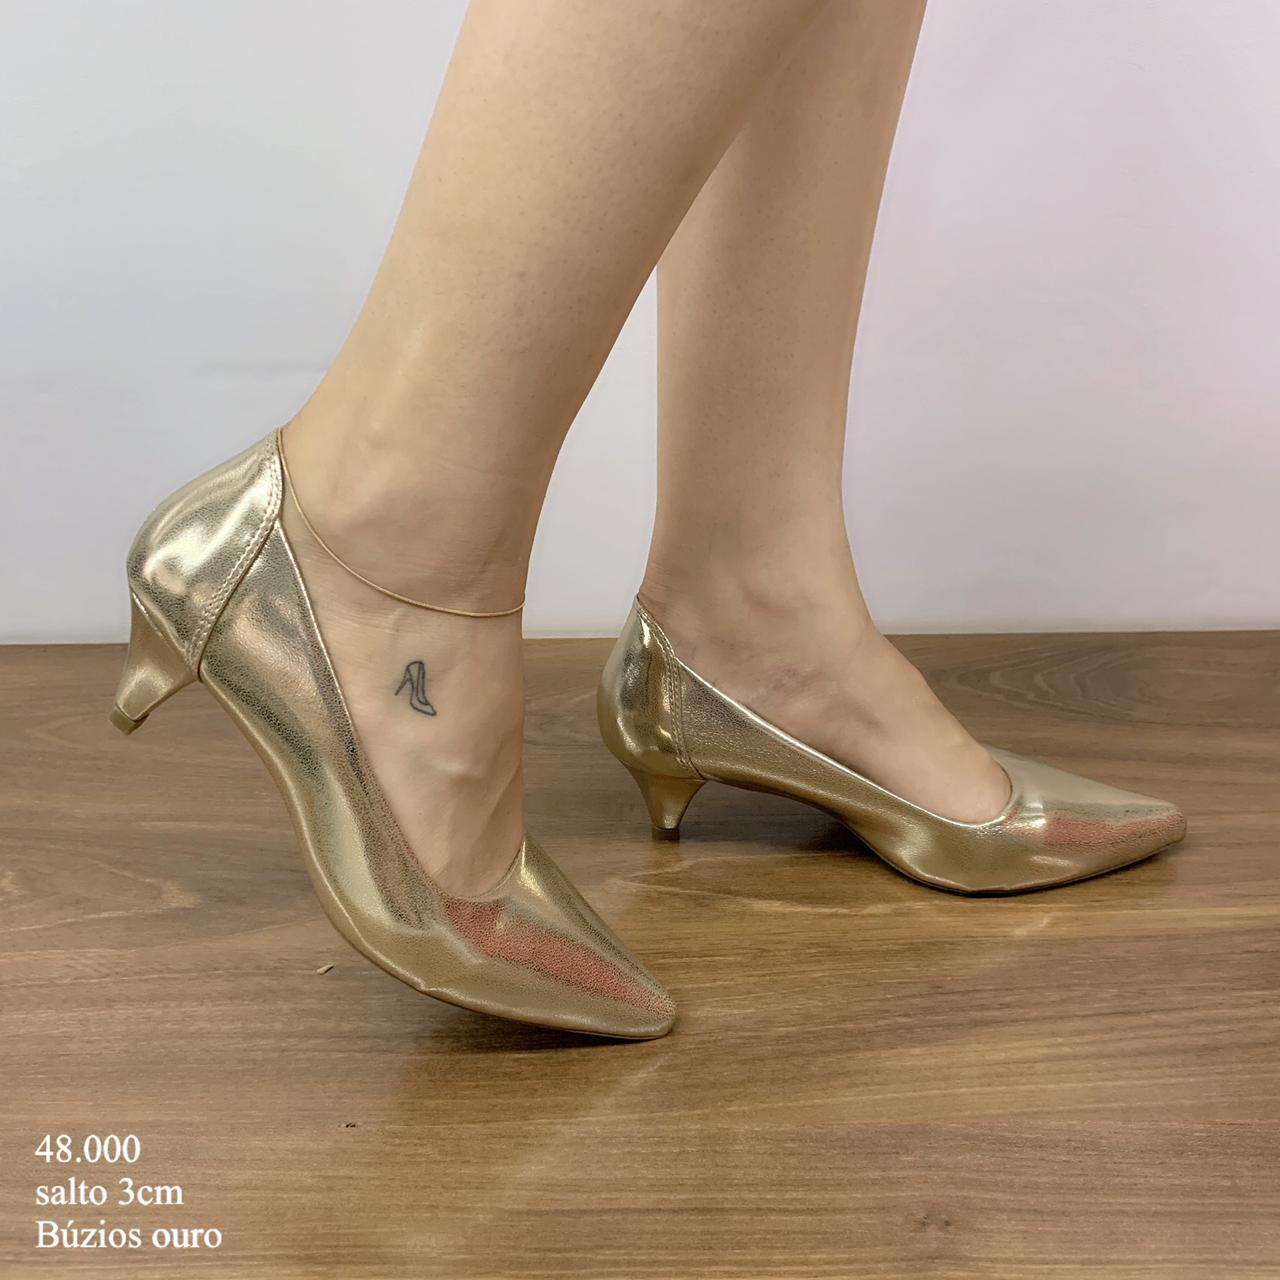 Scarpin Ouro Buzios | D-48.000-38